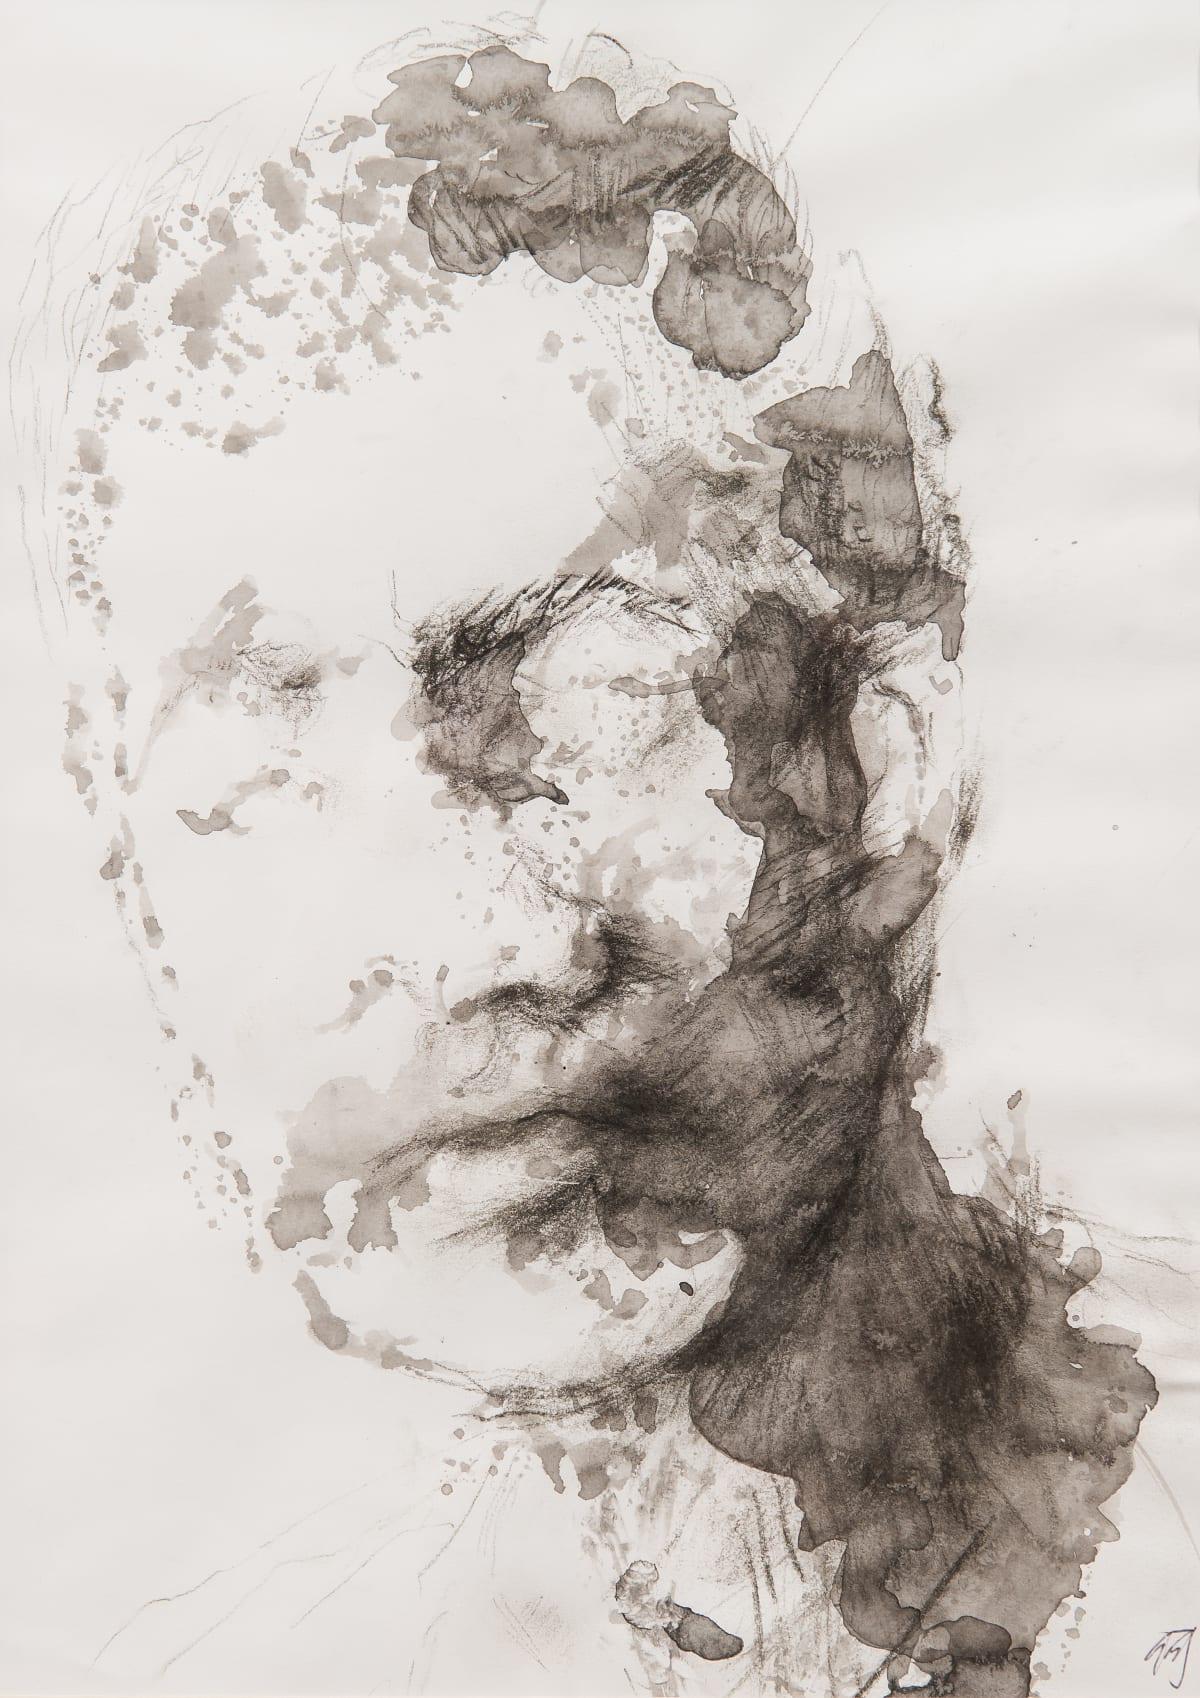 Chloe Ho 何鳳蓮, Amorphous, 2014